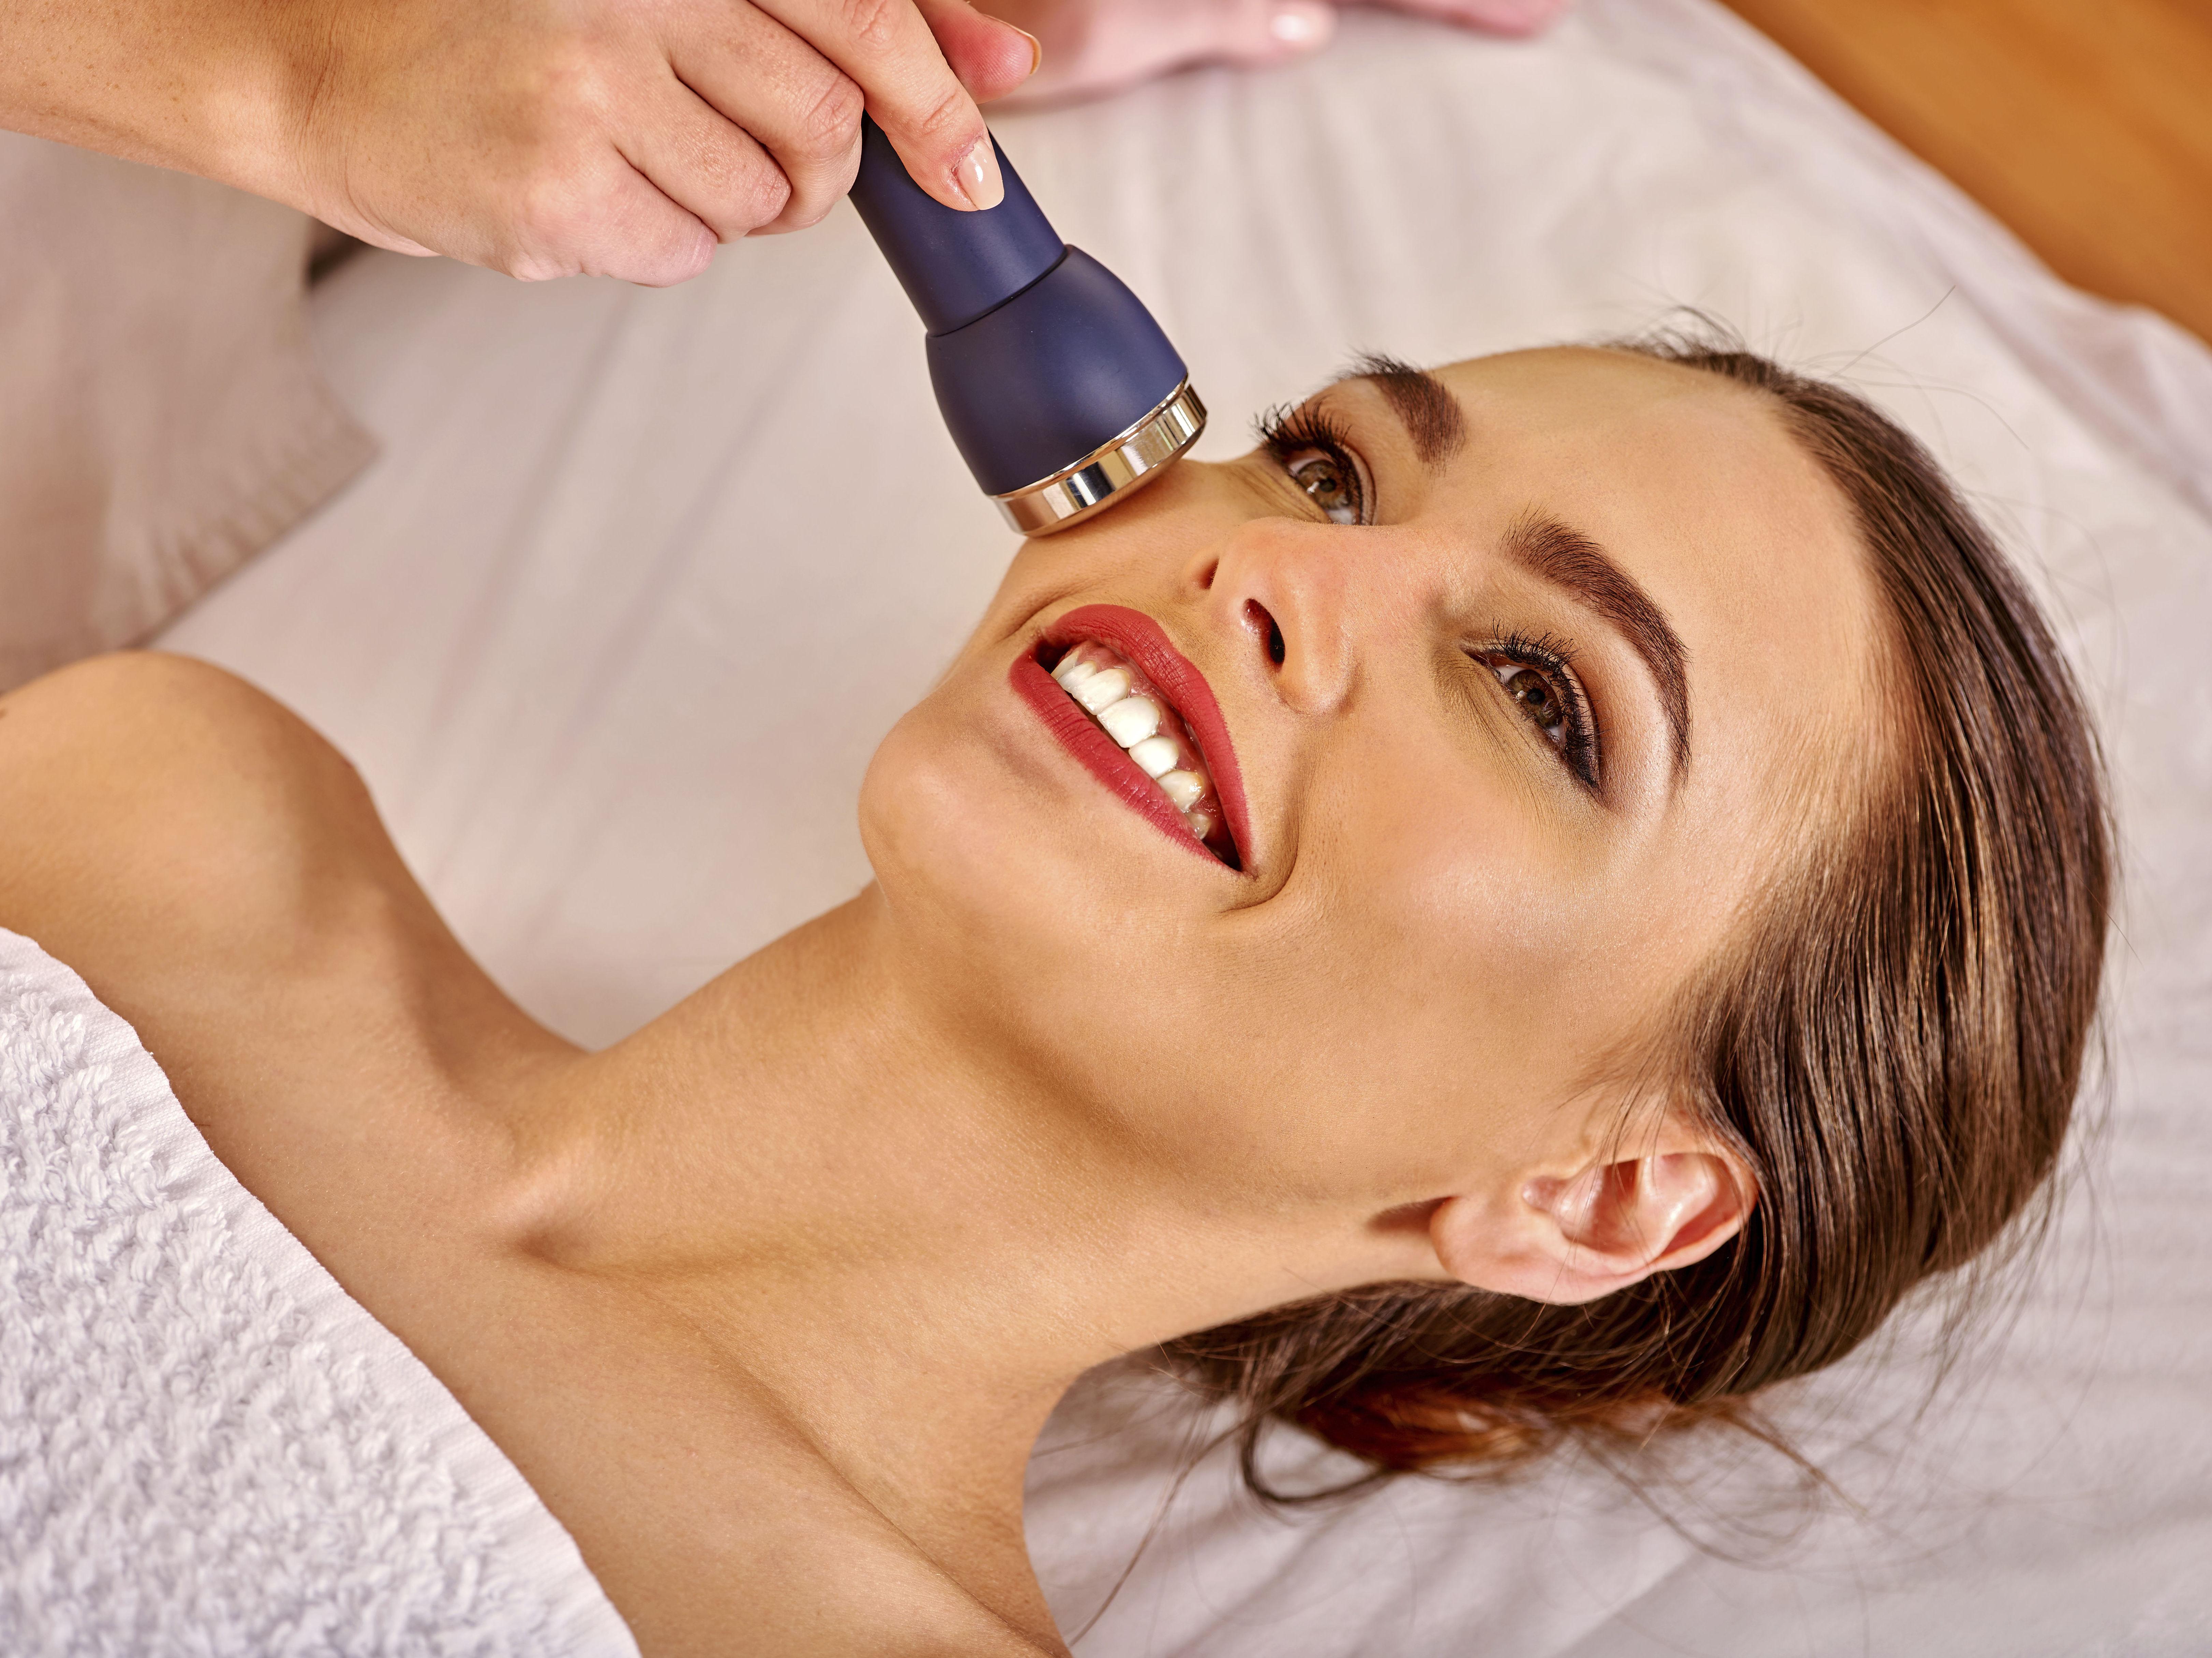 Radiofrecuencia facial: Nuestros servicios de Carpe Diem Clínicas